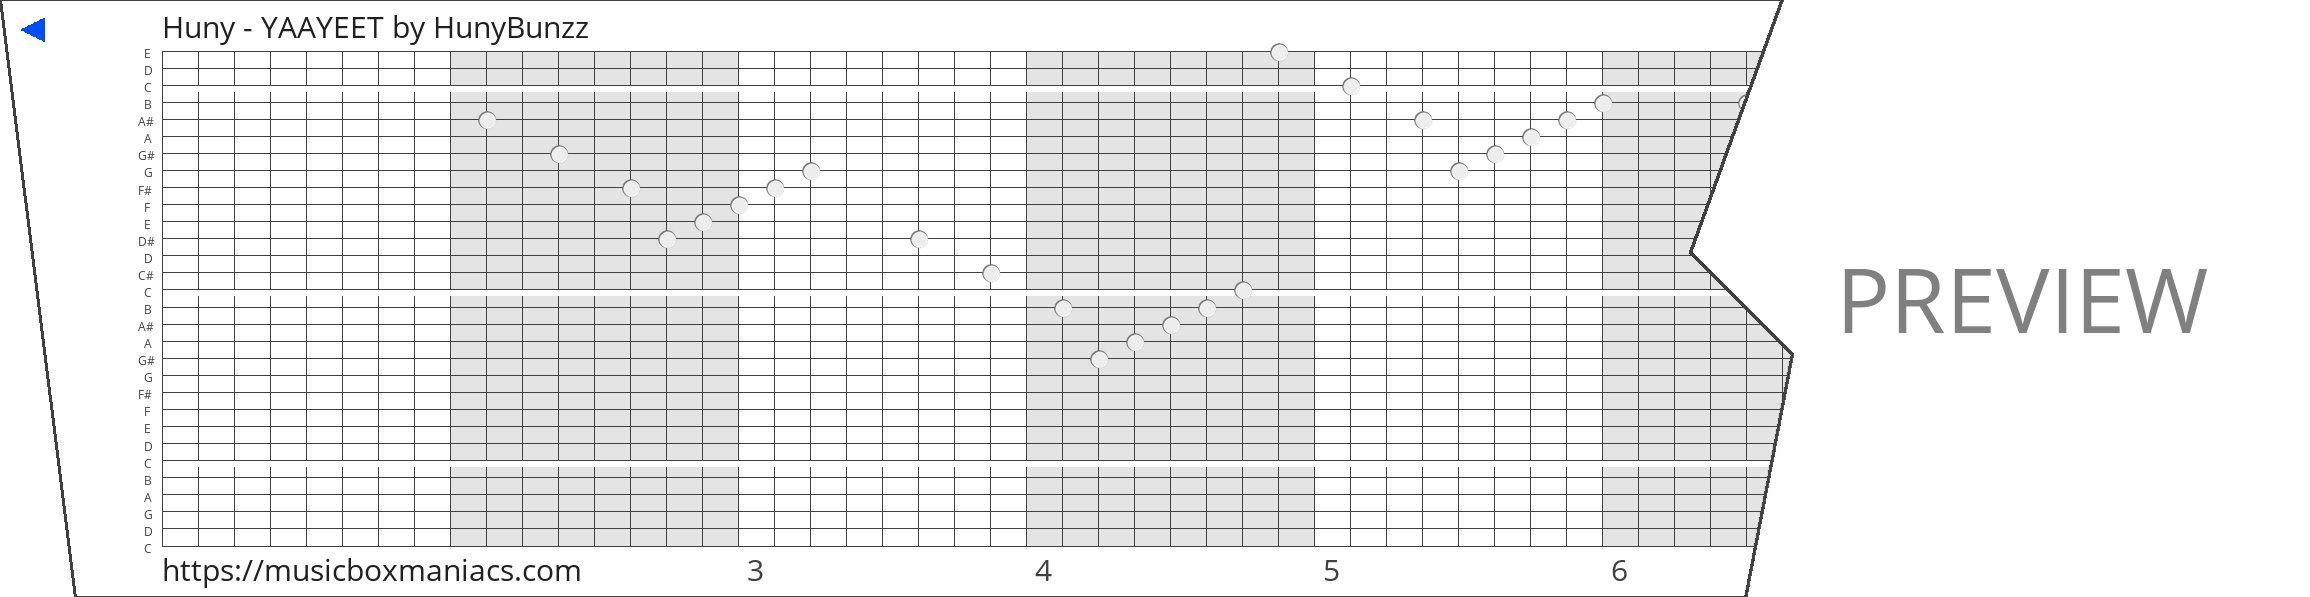 Huny - YAAYEET 30 note music box paper strip